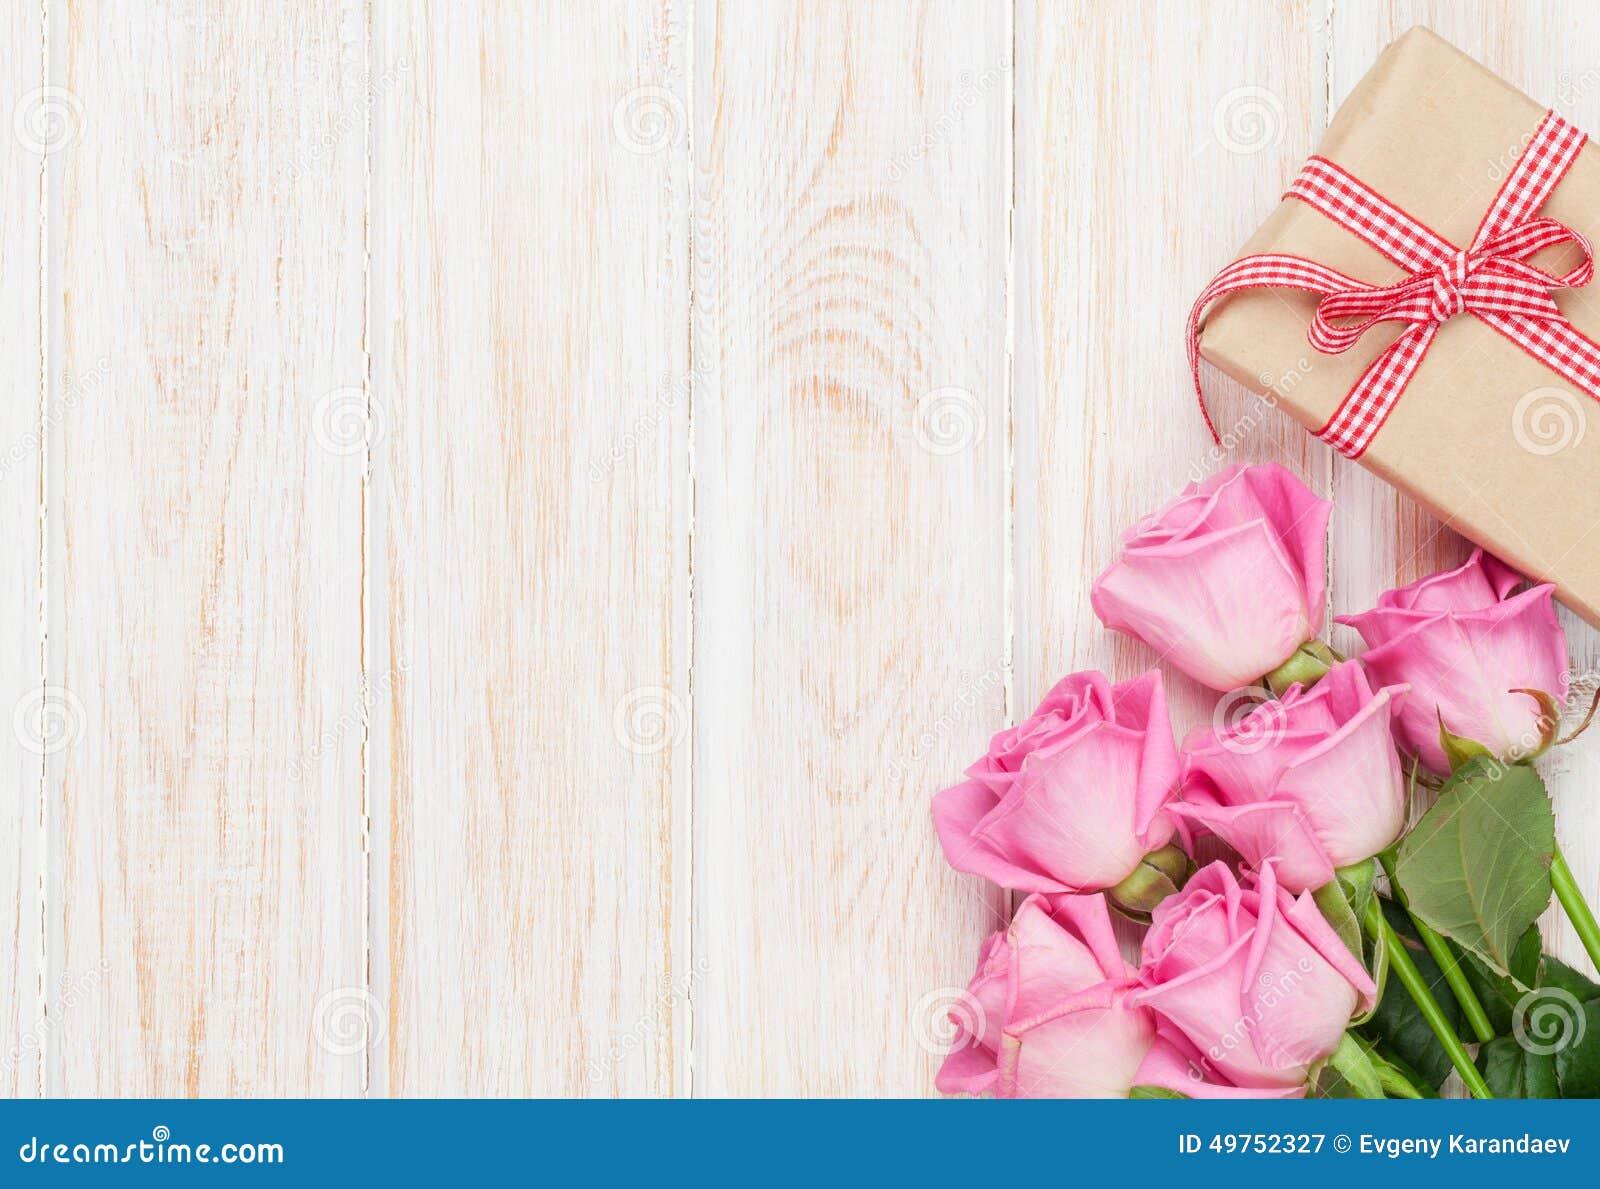 Fondo De Pantalla Dia De San Valentin Regalo Con Rosa: Fondo Del Día De Tarjetas Del Día De San Valentín Con